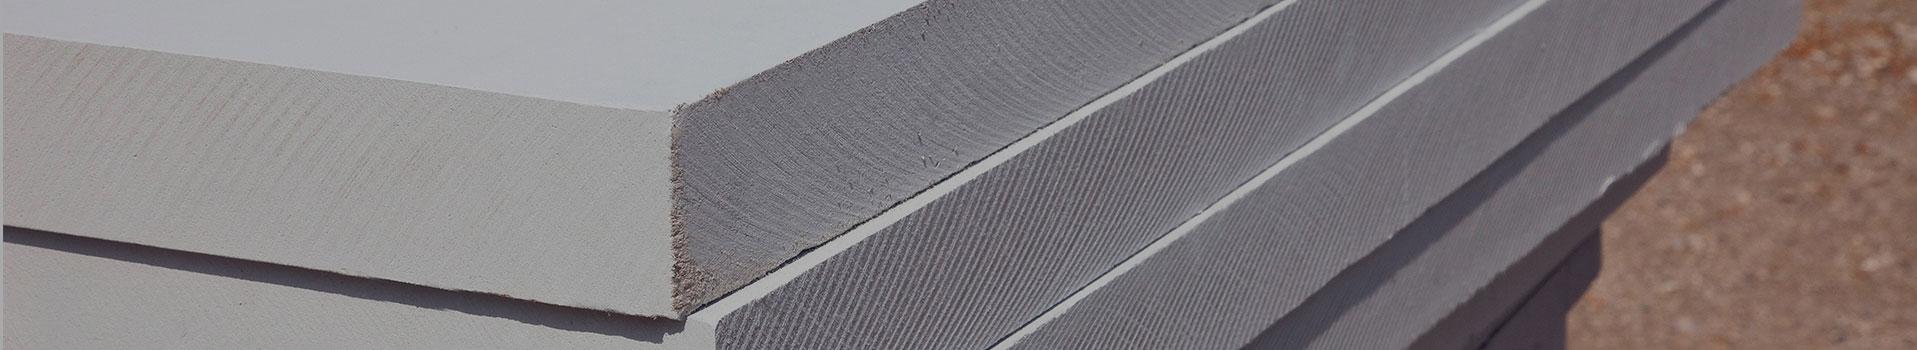 kalziumsilikatplatten verarbeiten richtig einbauen wohnklimaplatte. Black Bedroom Furniture Sets. Home Design Ideas